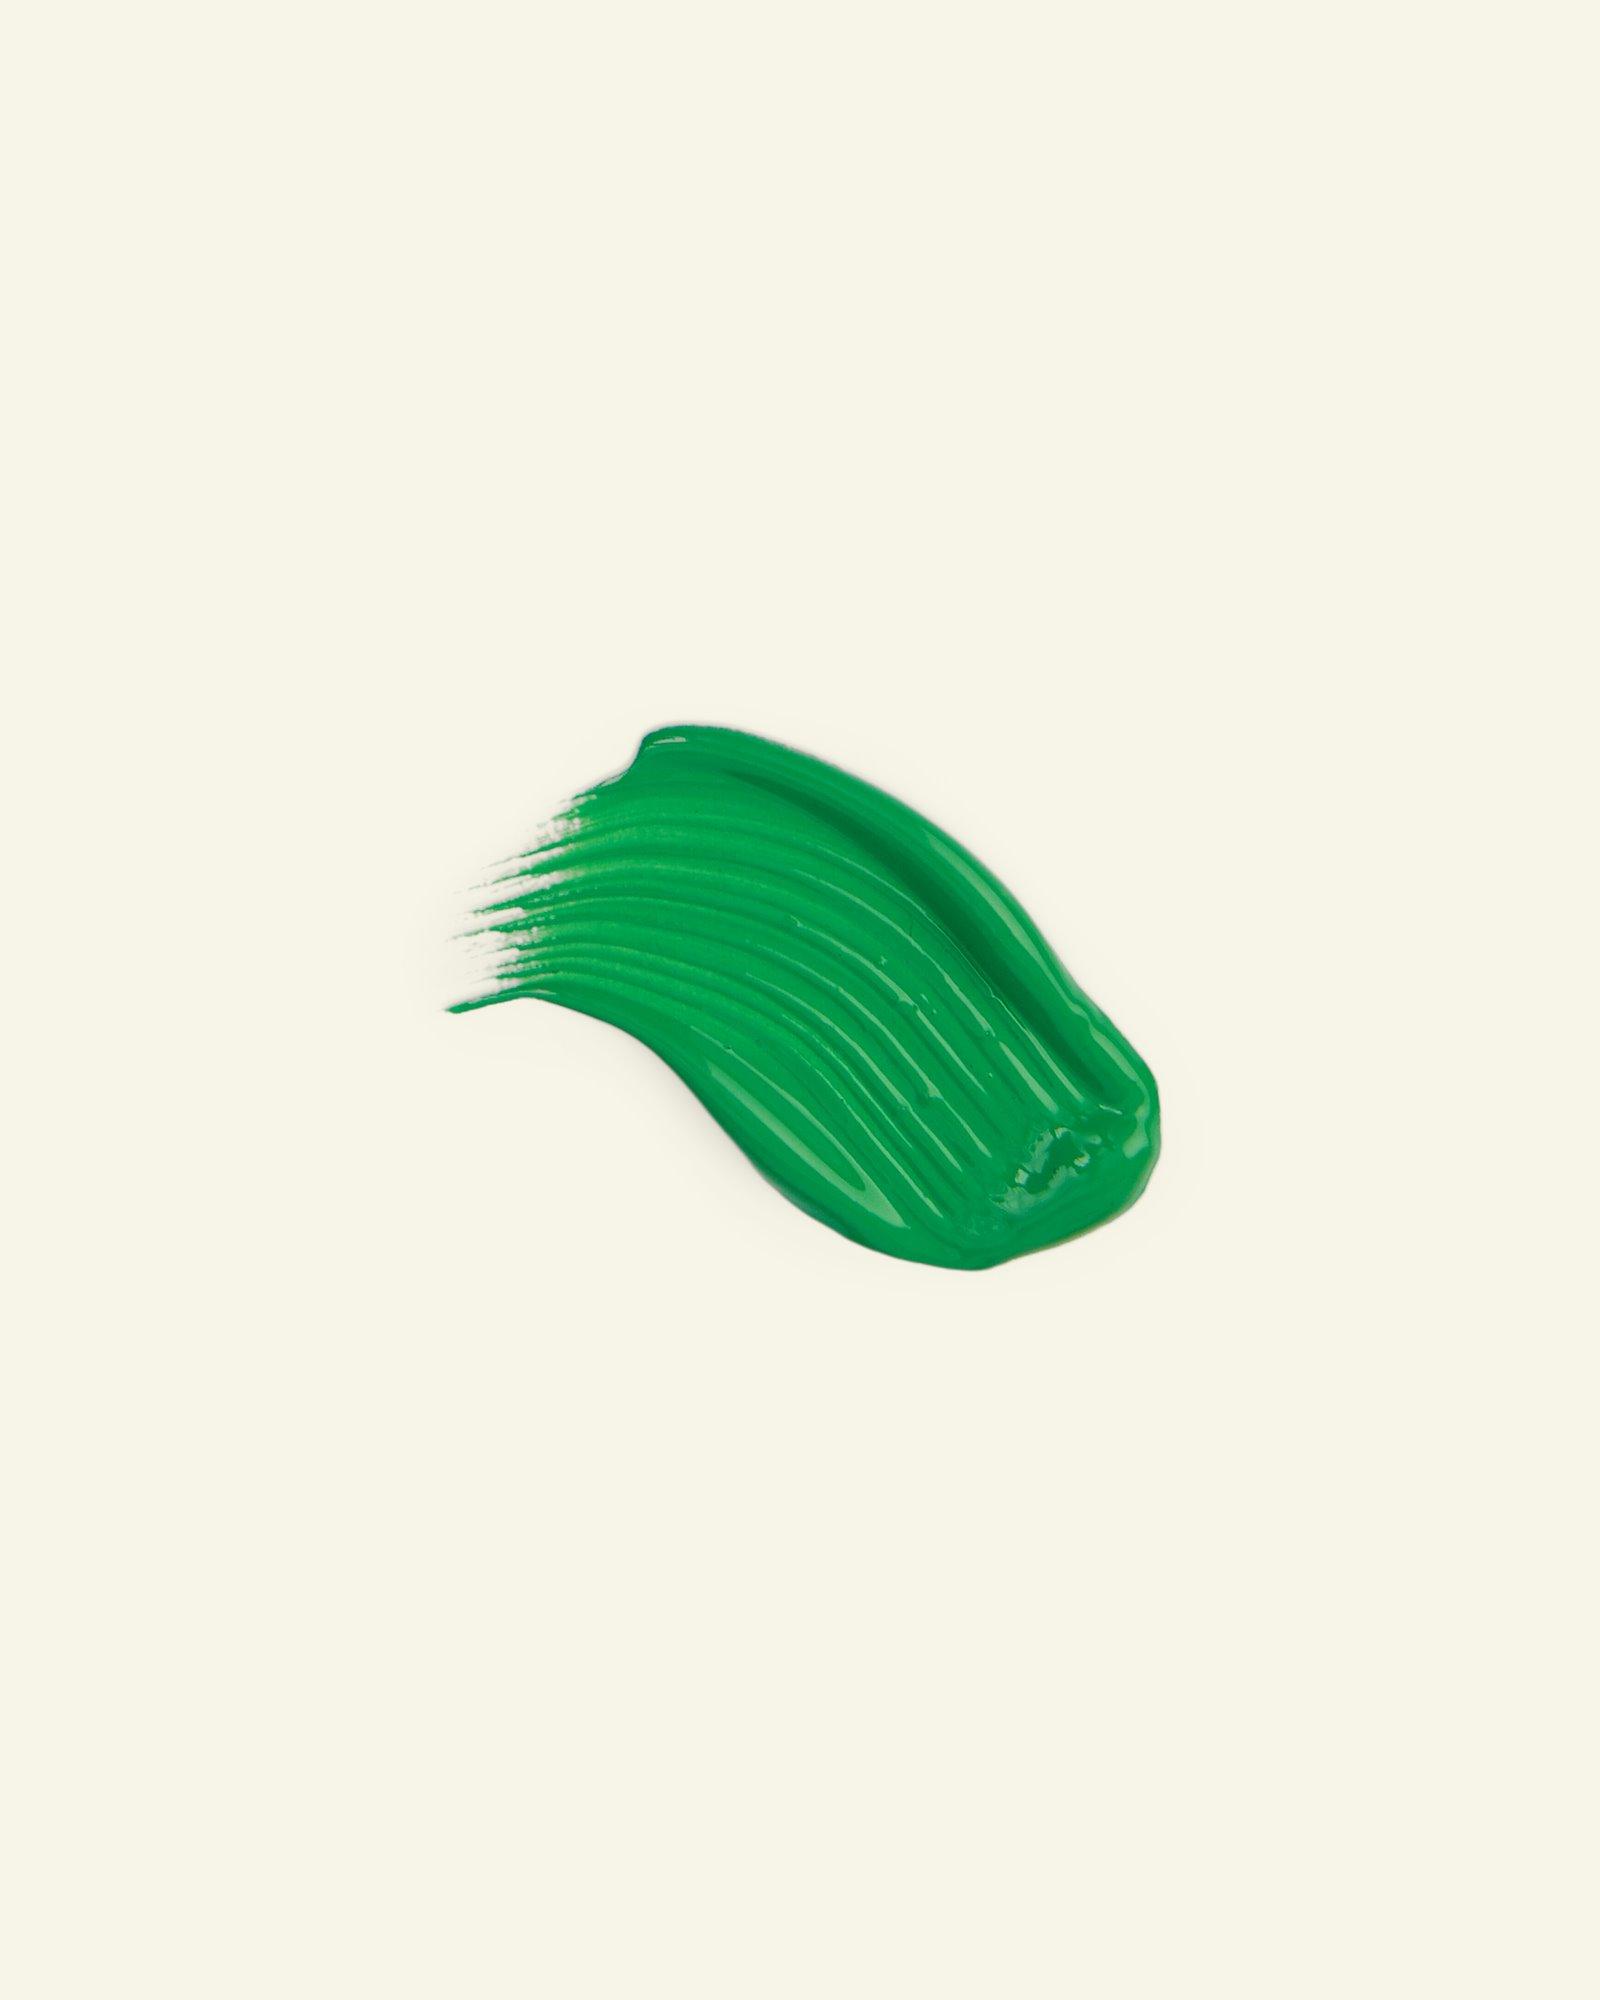 Javana opq fabric paint darkgreen 50ml